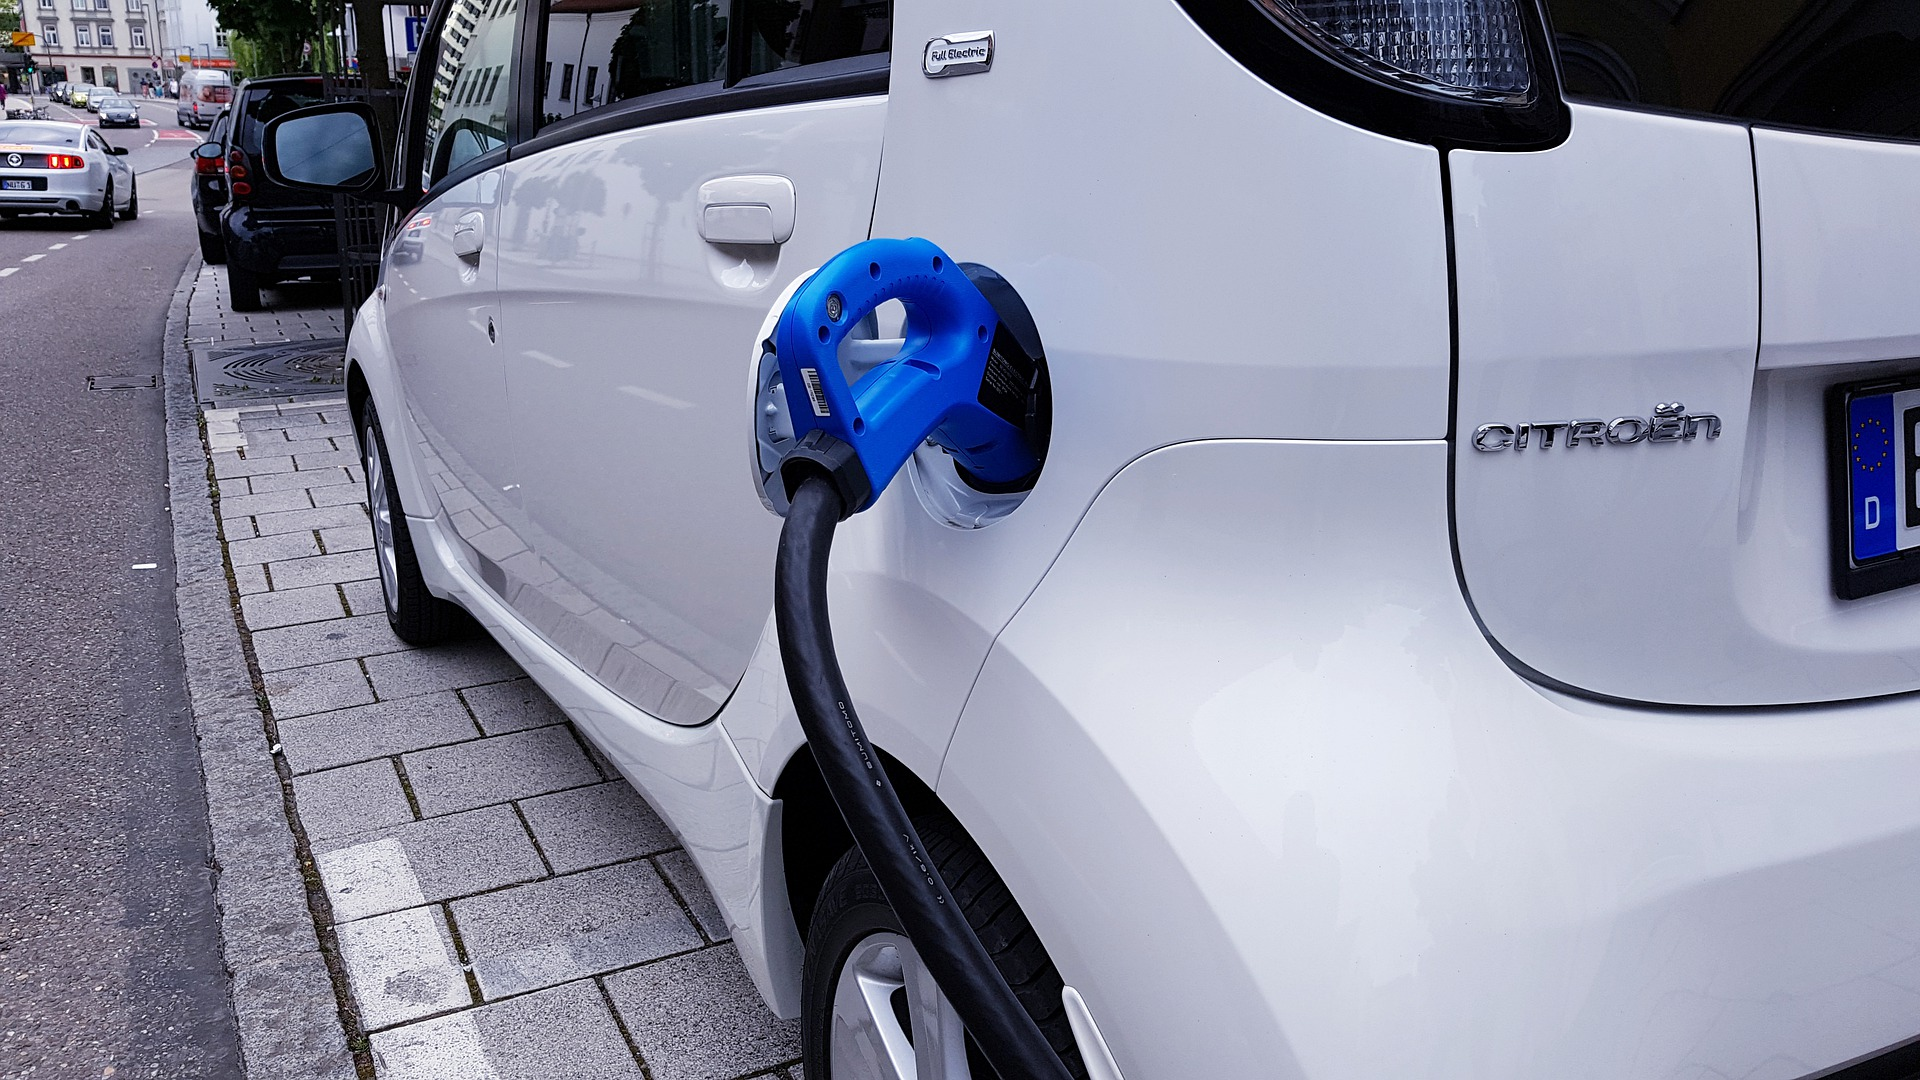 Taloyhtiö voi erottua edukseen tarjoamalla asukkaille sähköautojen latauspisteen